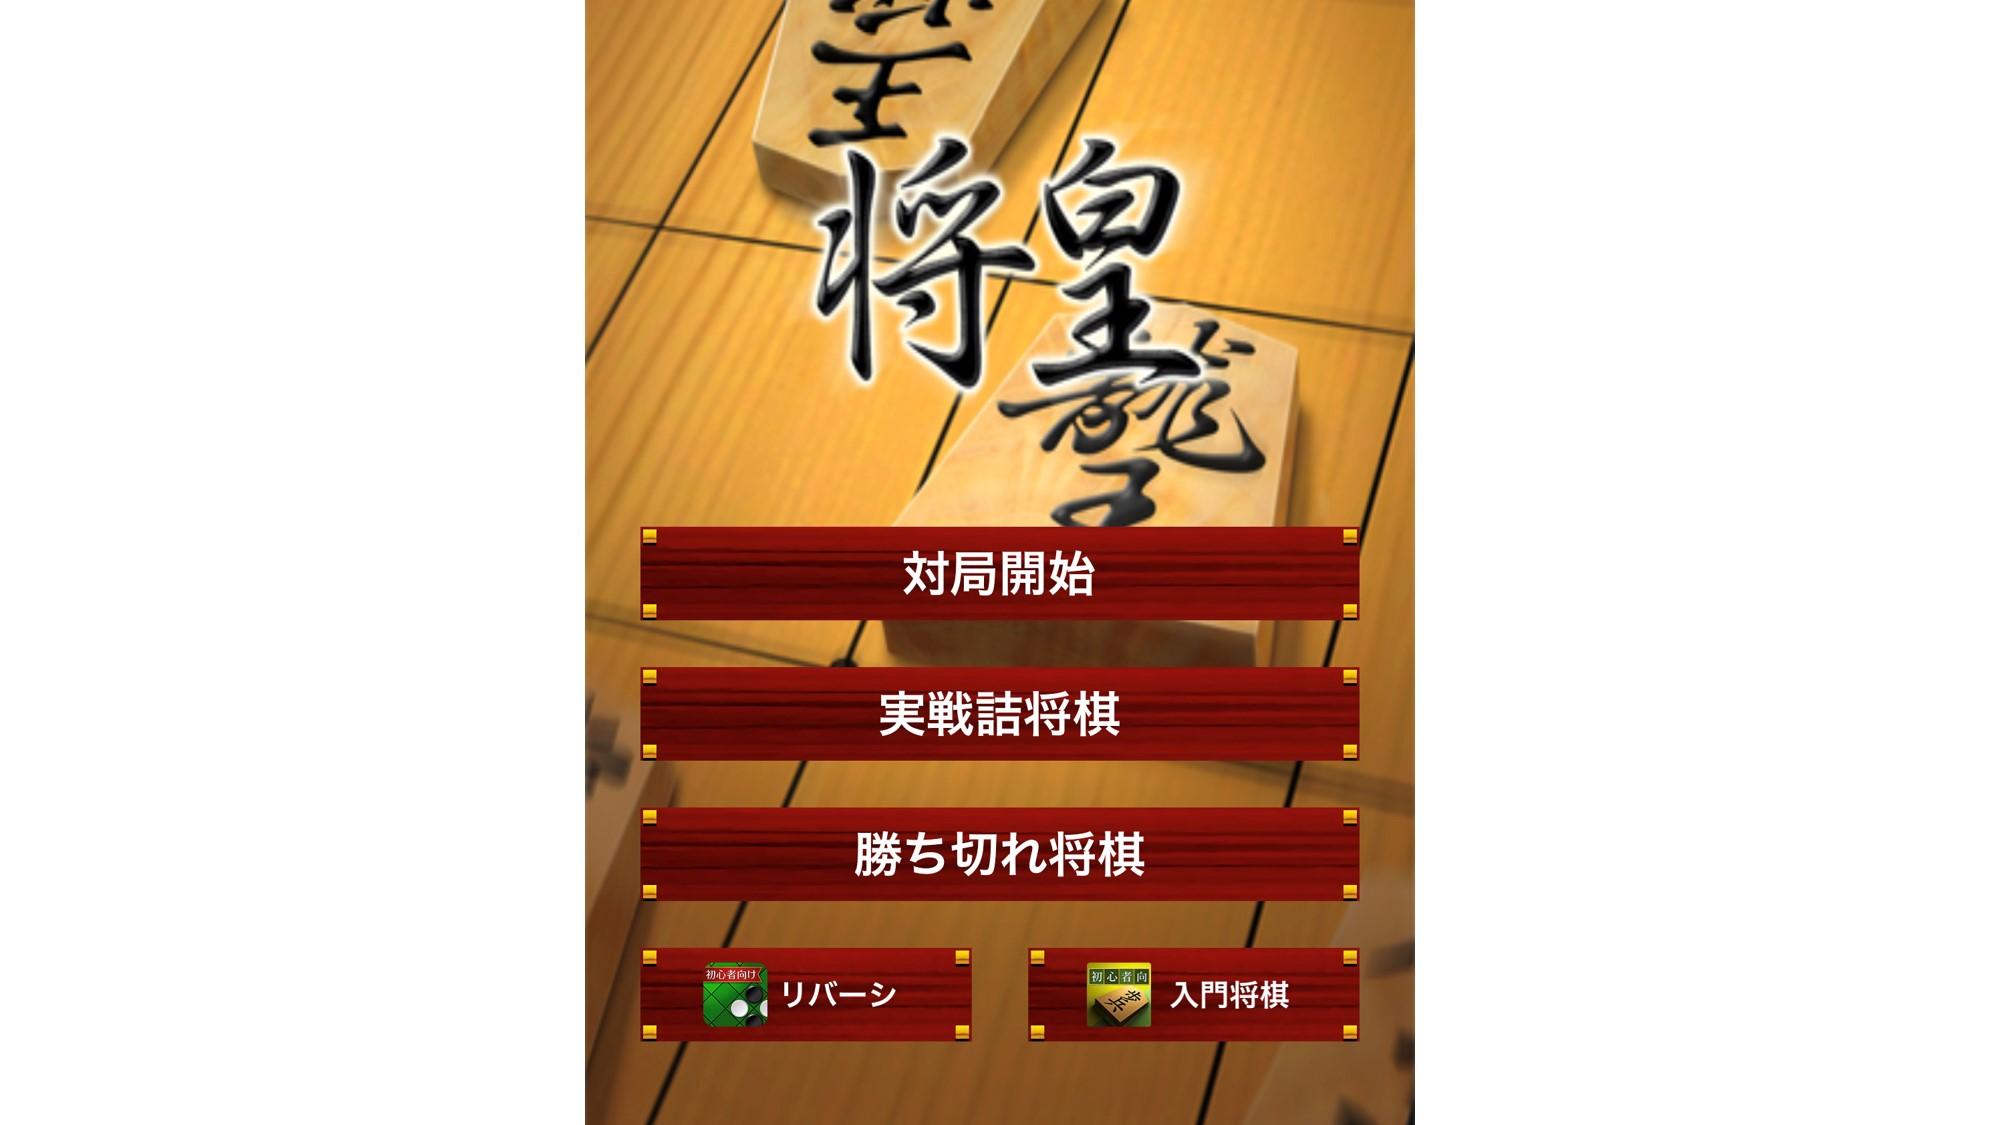 無料 アプリ ゲーム 将棋